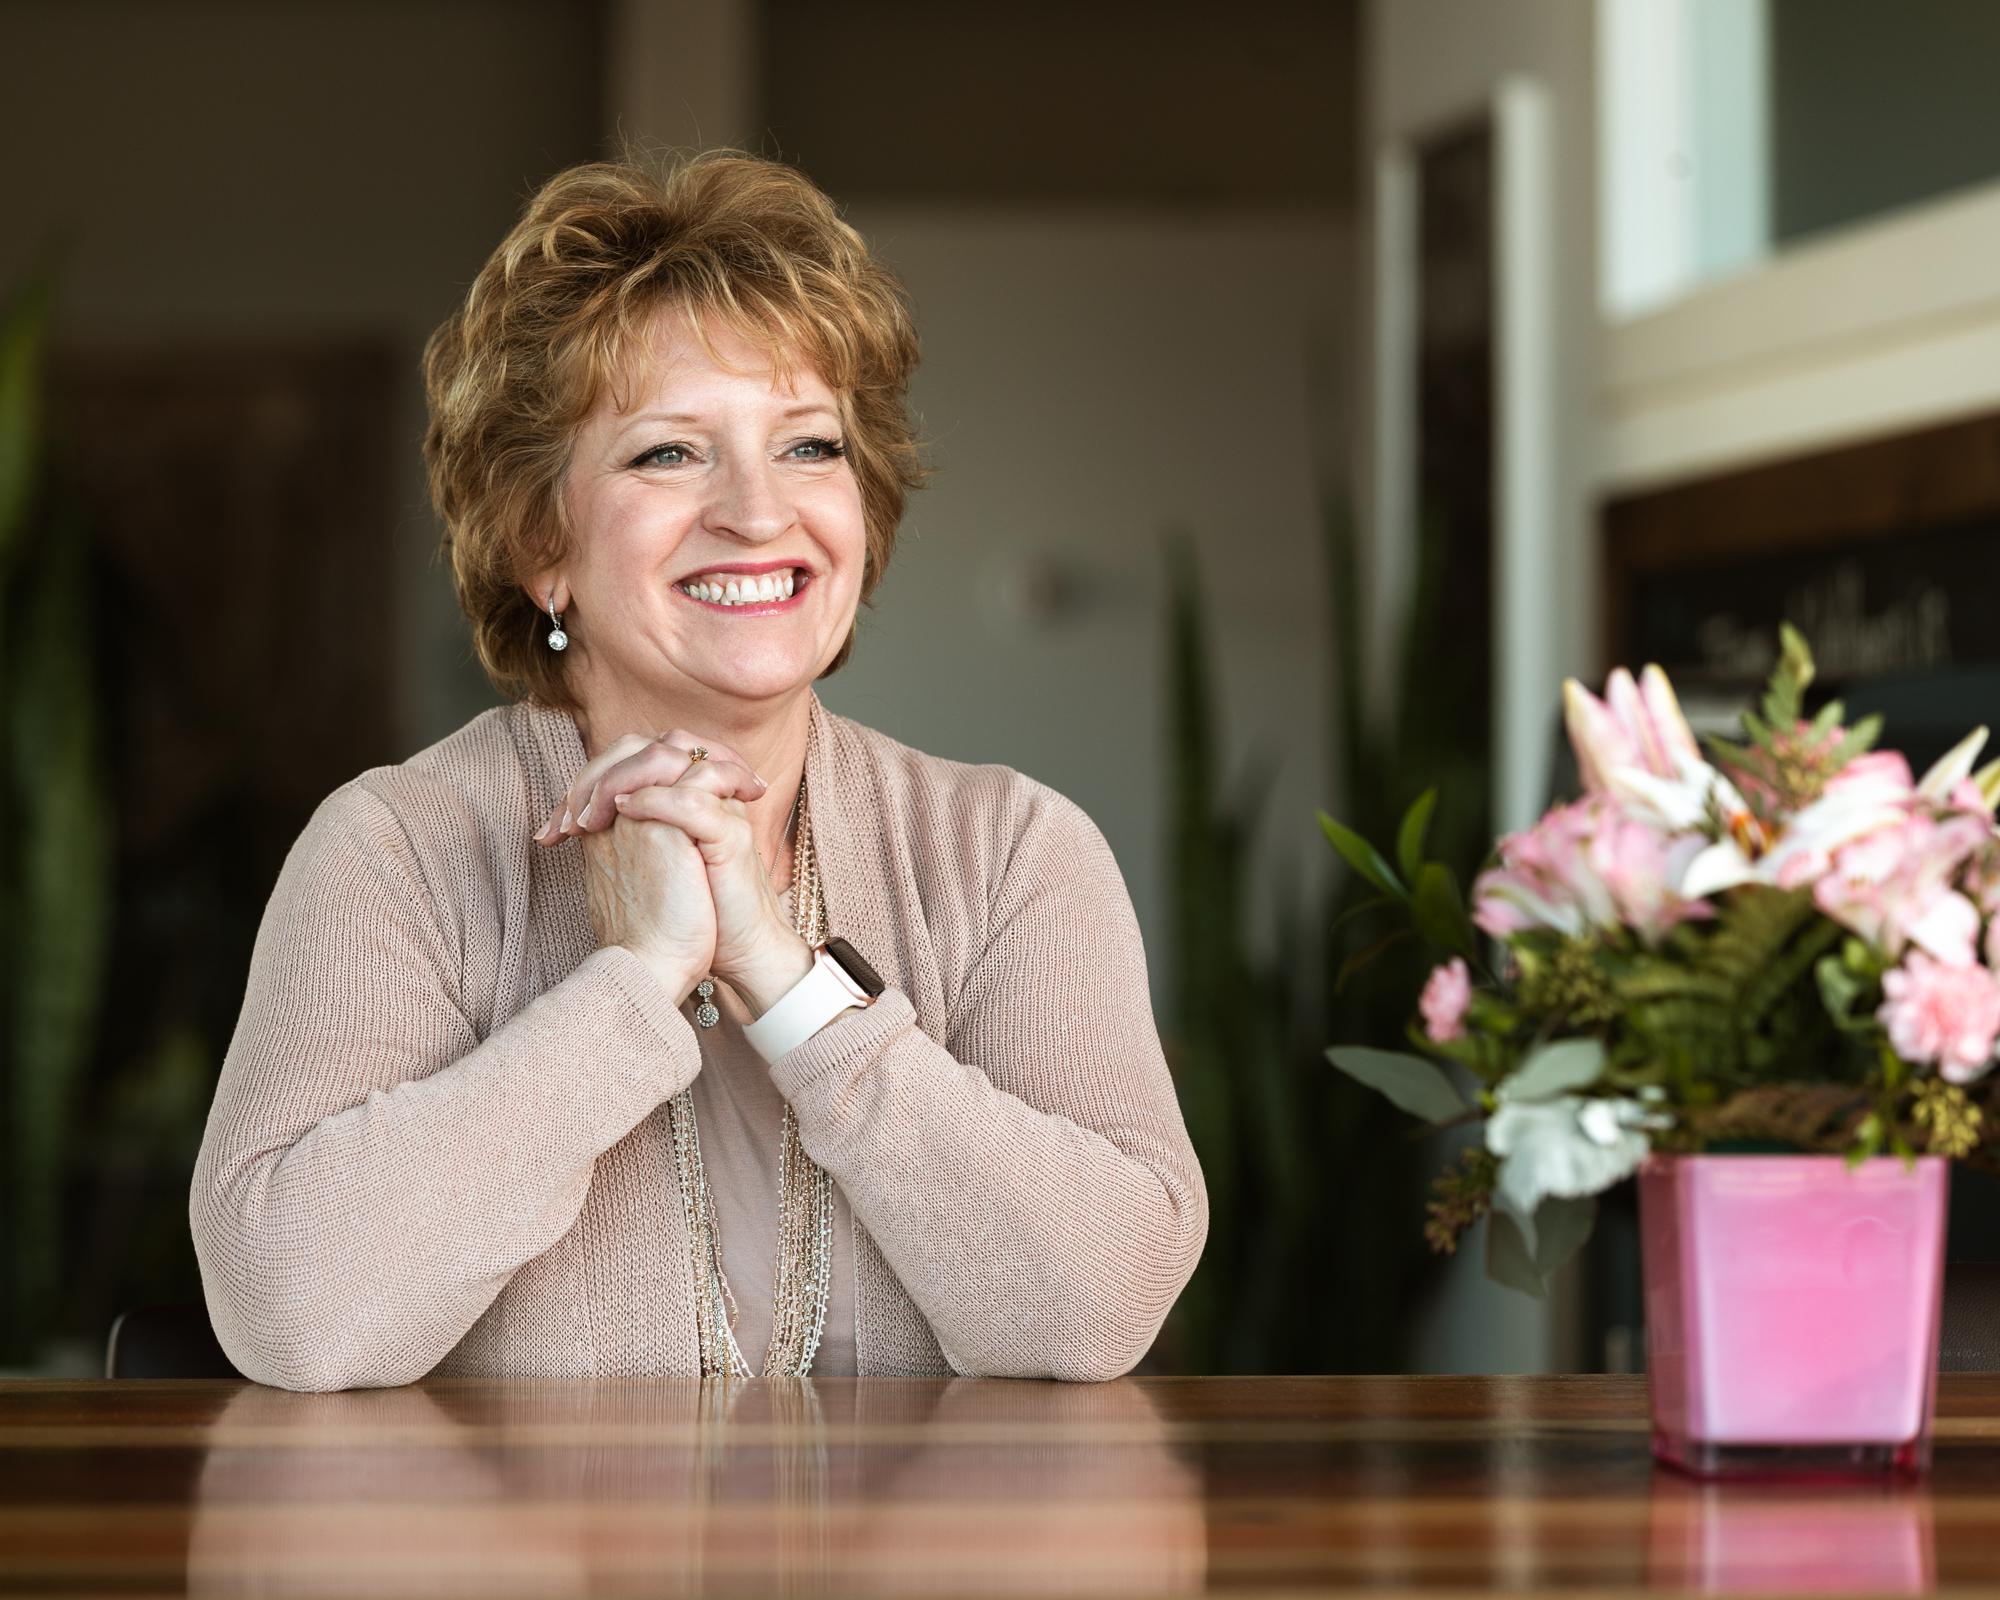 Jane Ellegard_Smiling With Flowers